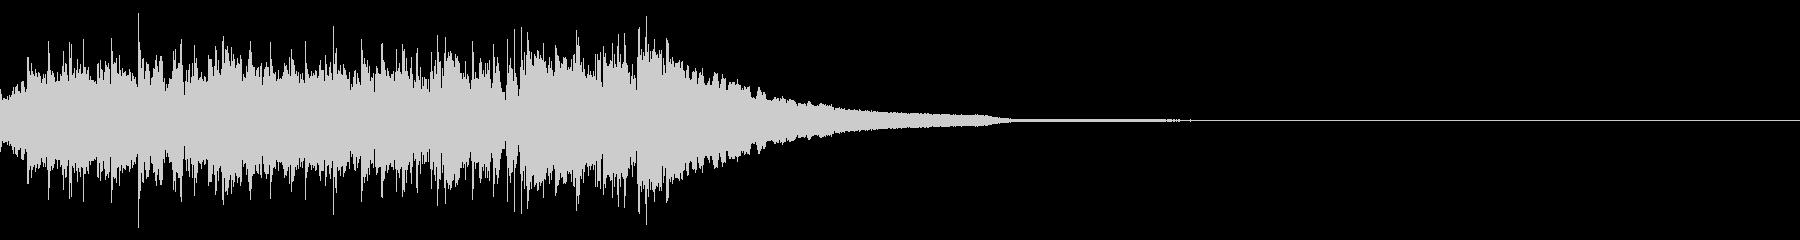 レベルアップ音 短めの未再生の波形